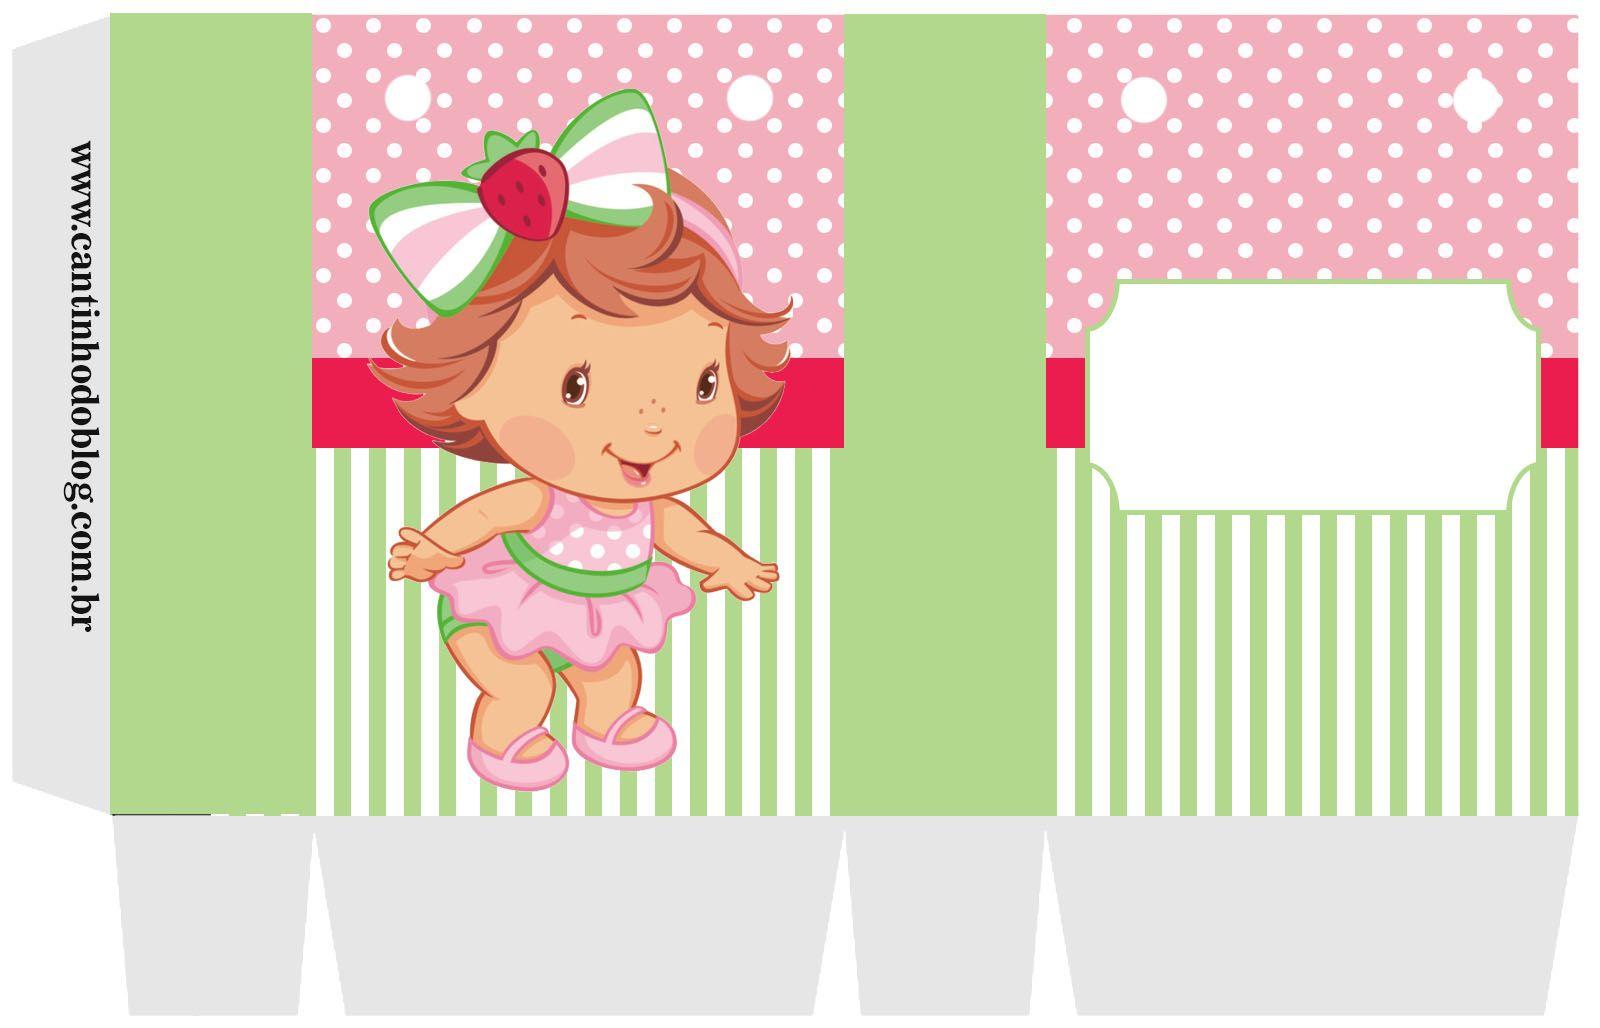 Moldesacolinha2 Jpg 1600 1028 Moranguinho Baby Moranguinho